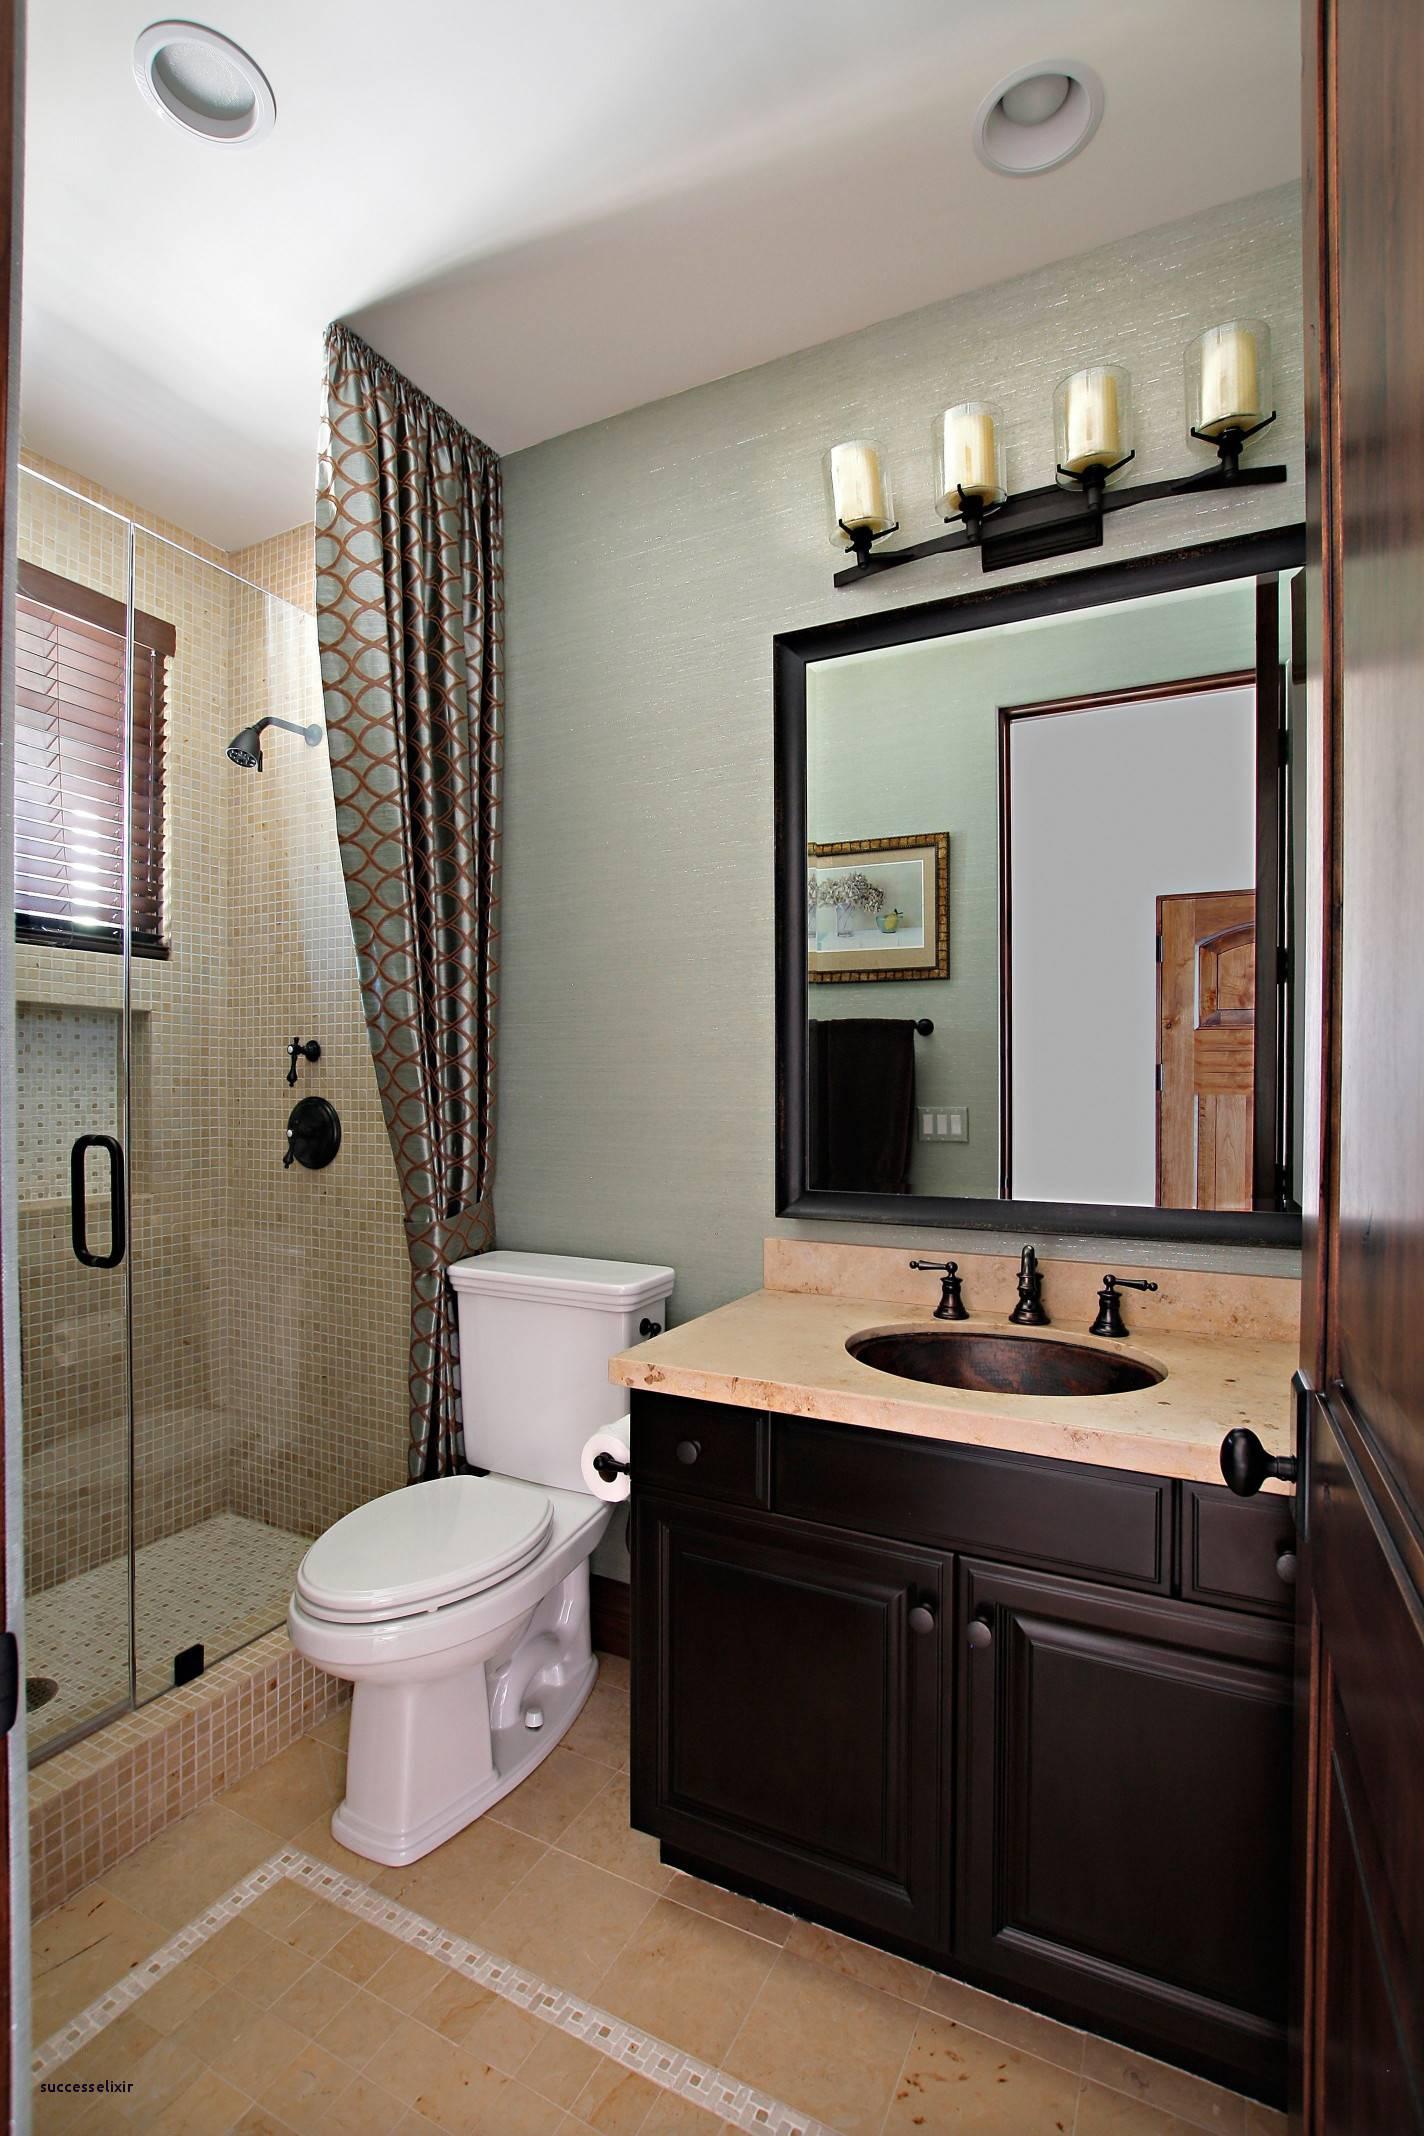 small bathroom ideas with shower fantastic tub shower ideas for small bathrooms i pinimg originals 8e 04 0d of small bathroom ideas with shower